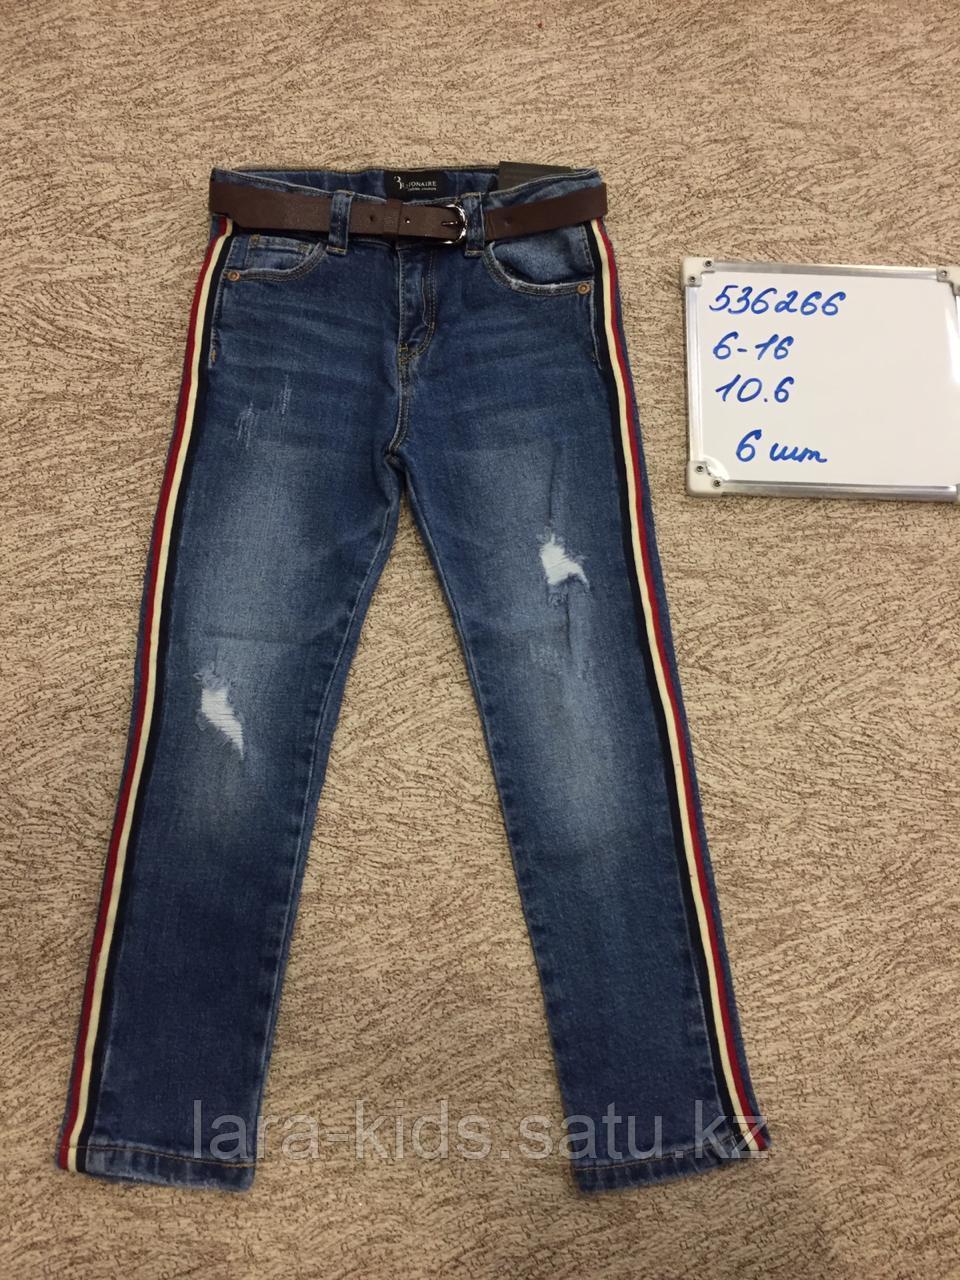 Брюки и джинсы для девочек.